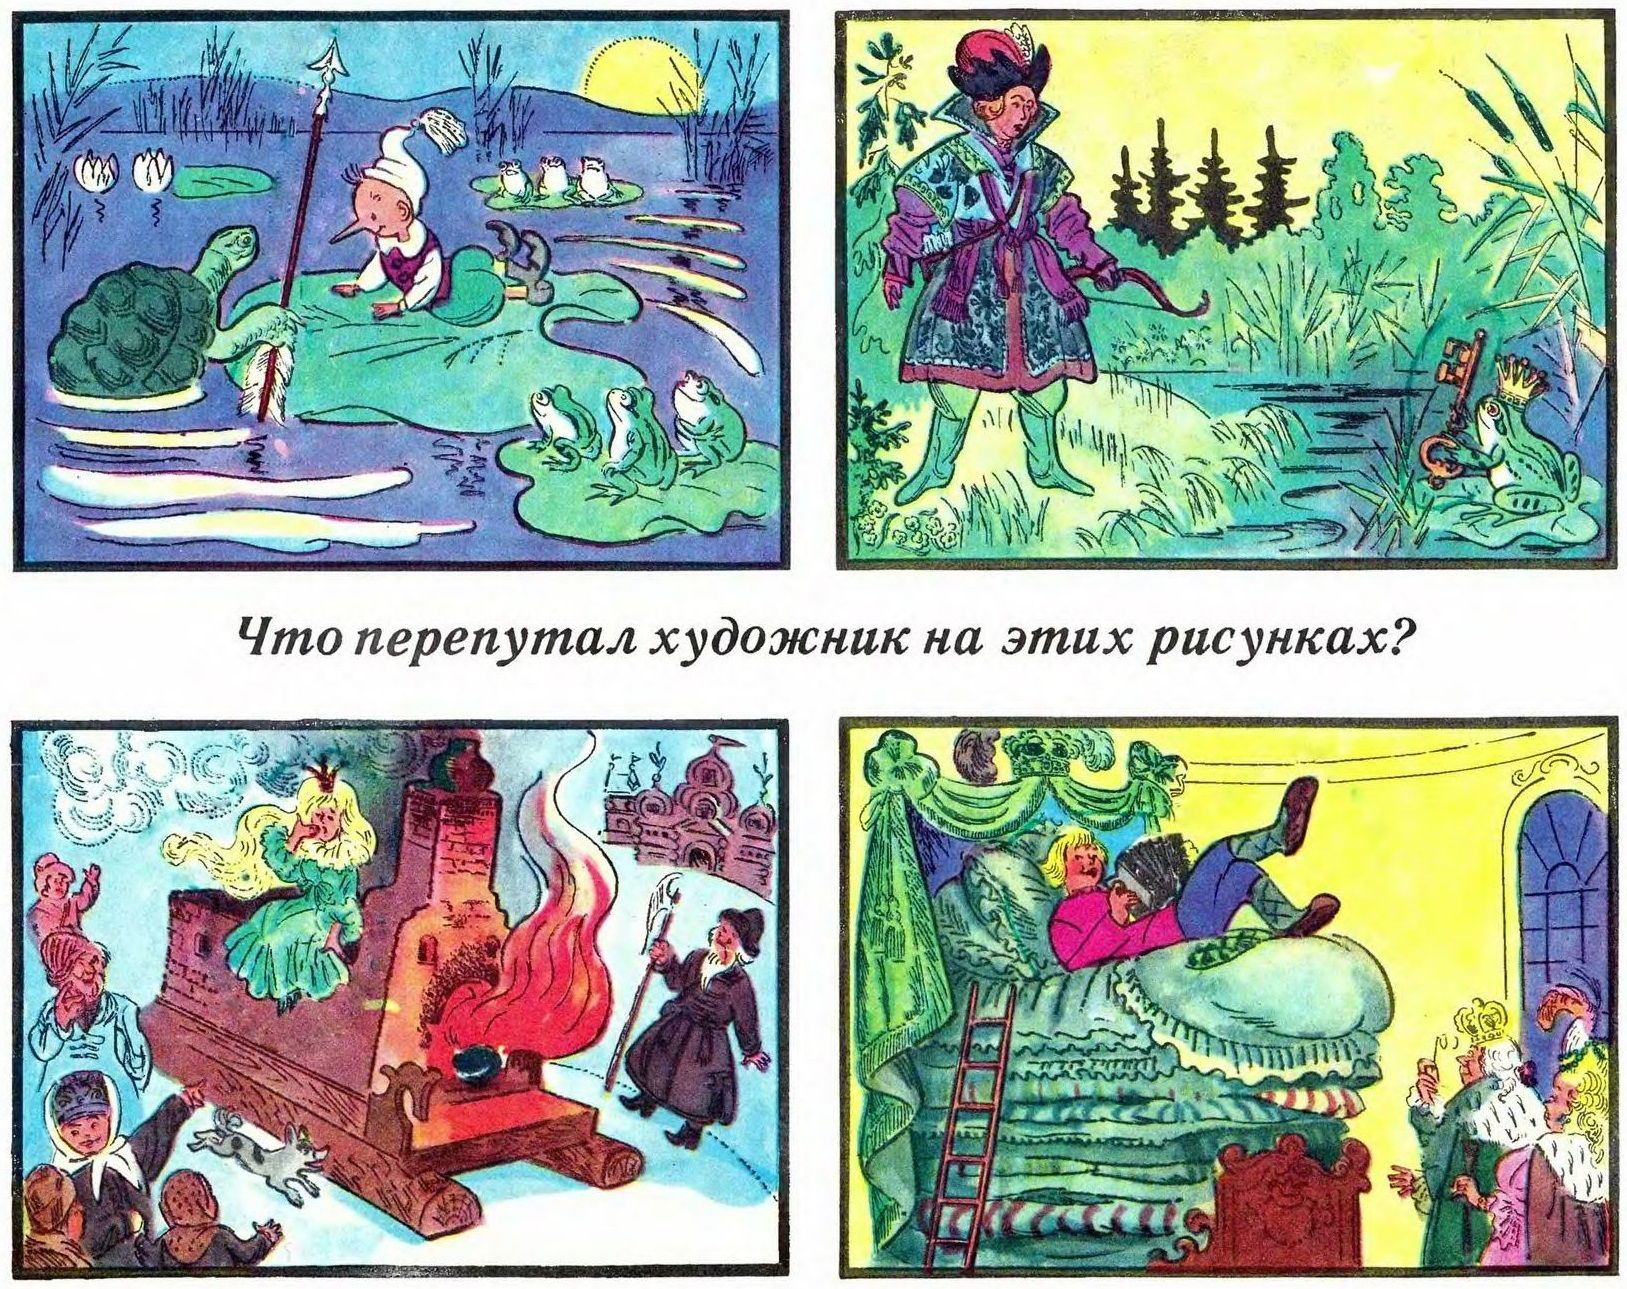 картинки из русских сказок с ошибками амстердама подробным описанием